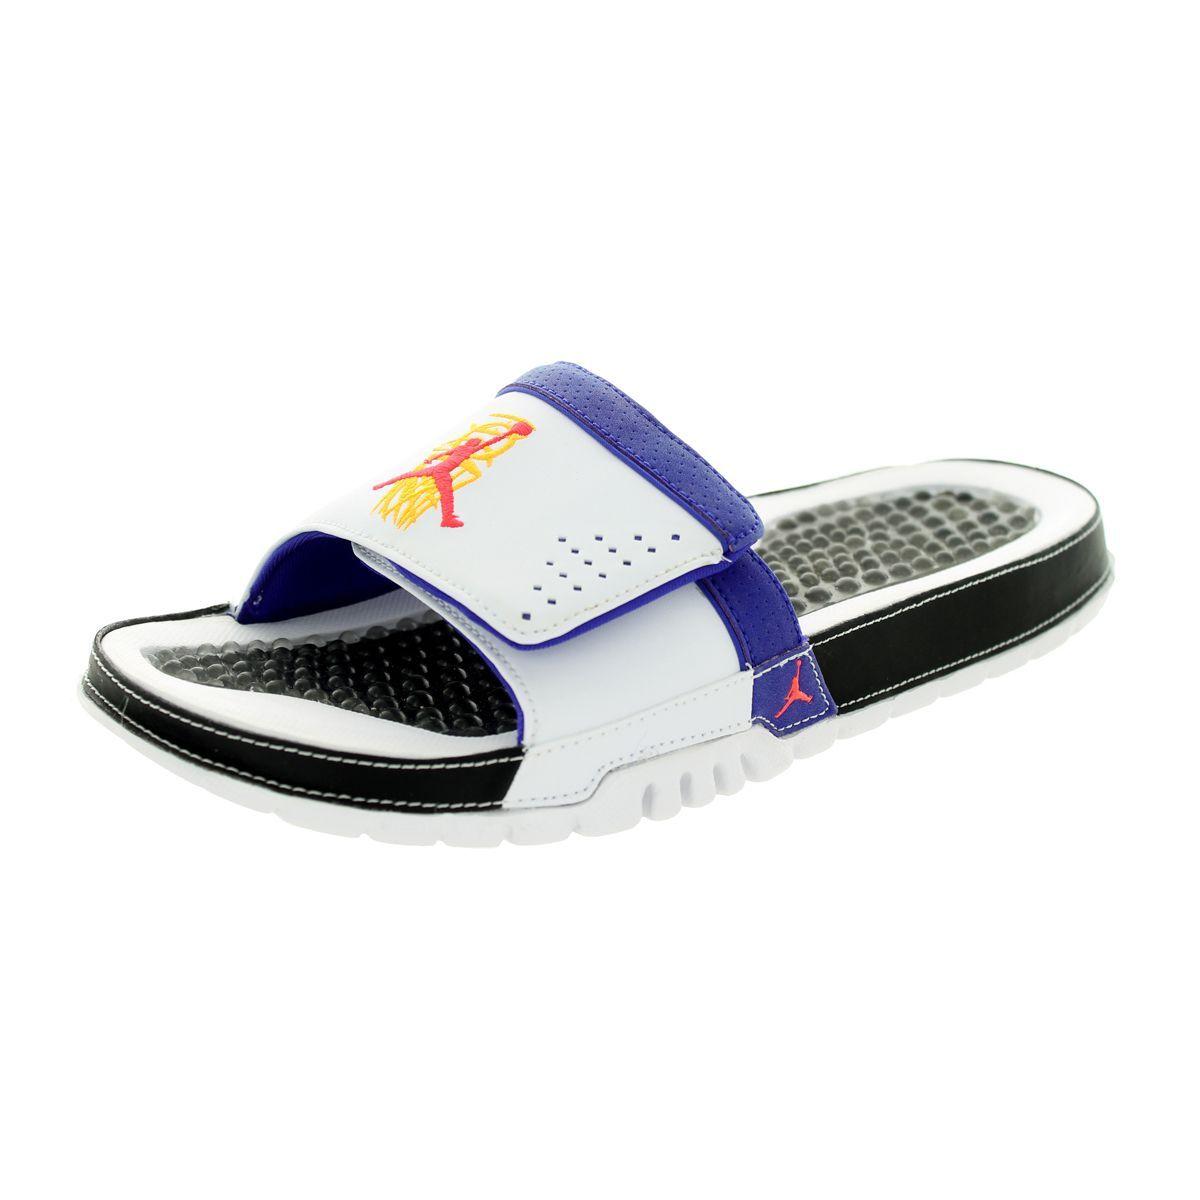 Men's Athletic Shoes For Less. Mens JordansAir JordansRetro ...